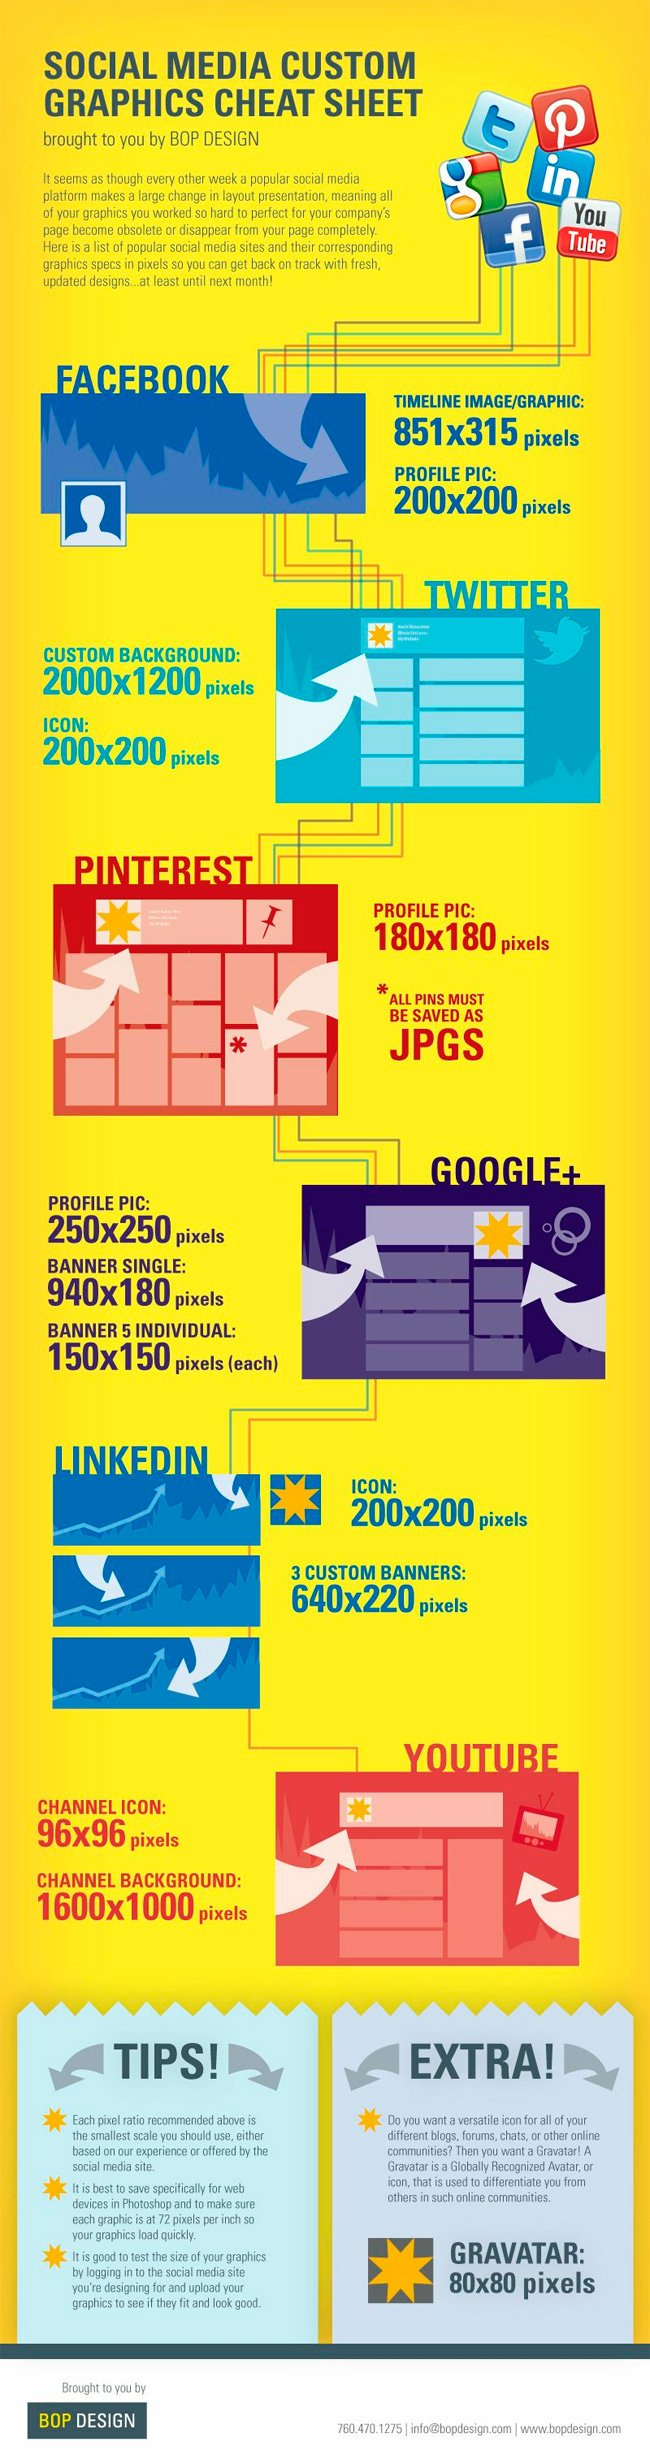 social media custom graphics cheat sheet Las dimensiones de las imágenes que deben tener nuestros perfiles en las redes sociales